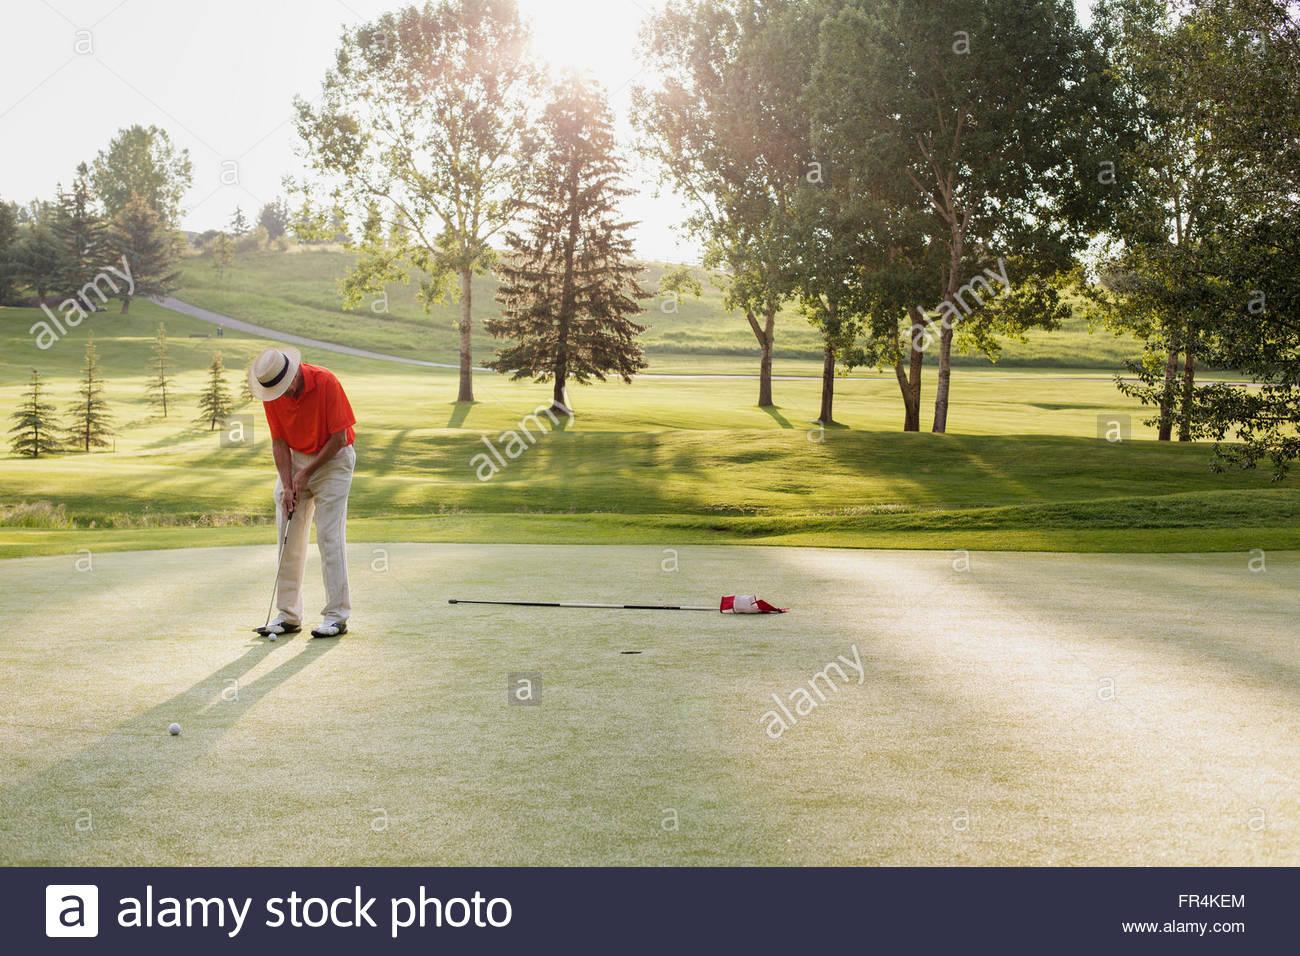 Hombre senior acerca de putt en el green de golf Imagen De Stock